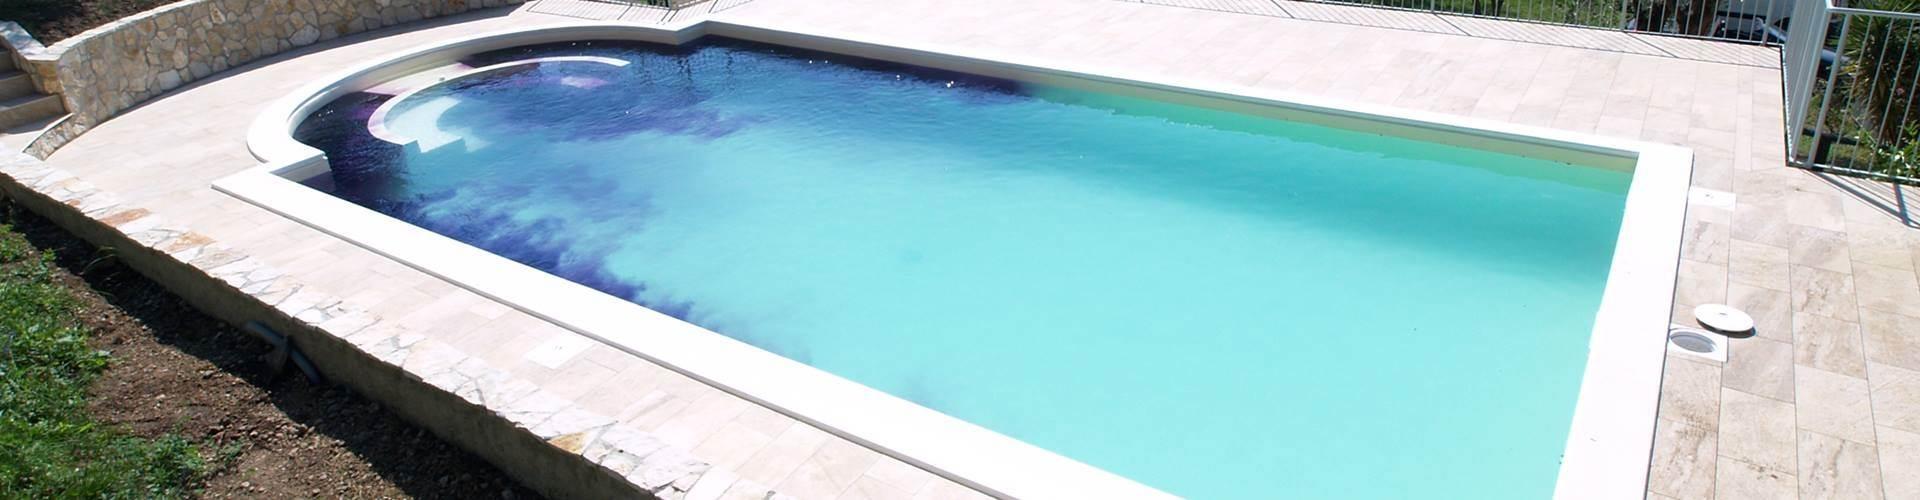 Prova colore per piscine pubbliche mantova mn prova for Colore per piscine